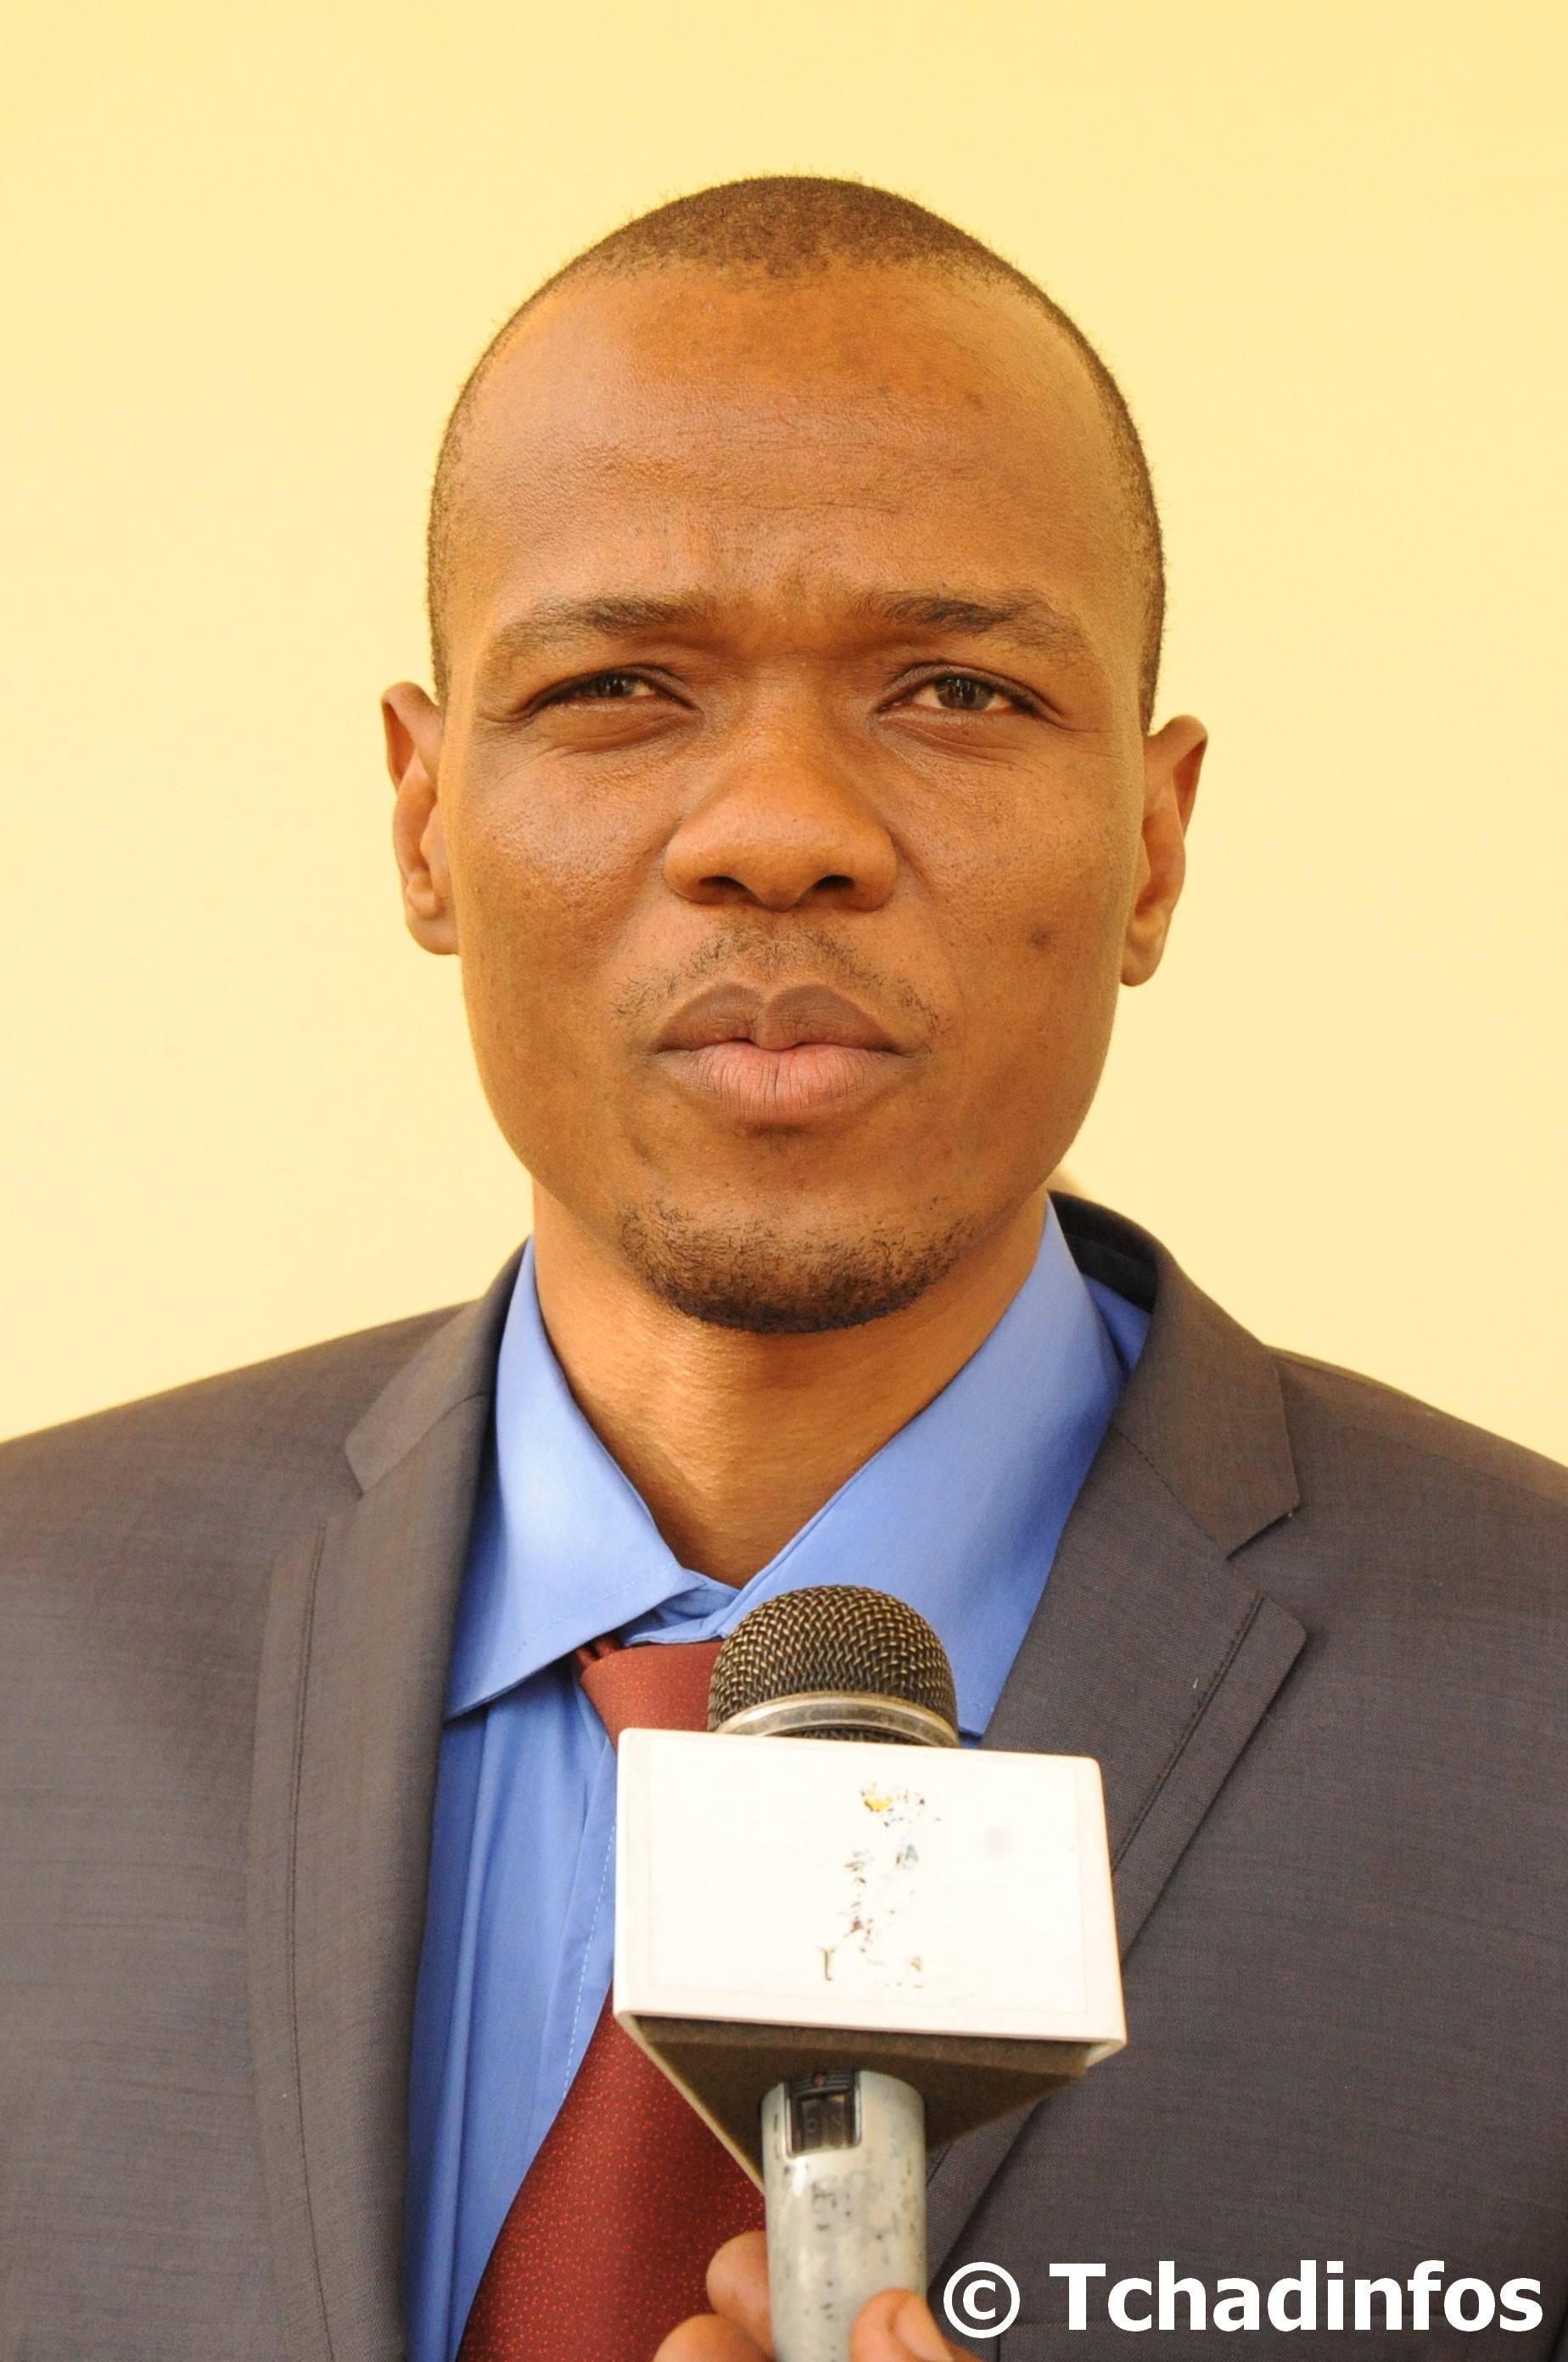 Tchad : pour le ministre du pétrole il n'y a pas de pénurie de carburant, la faute de la distribution